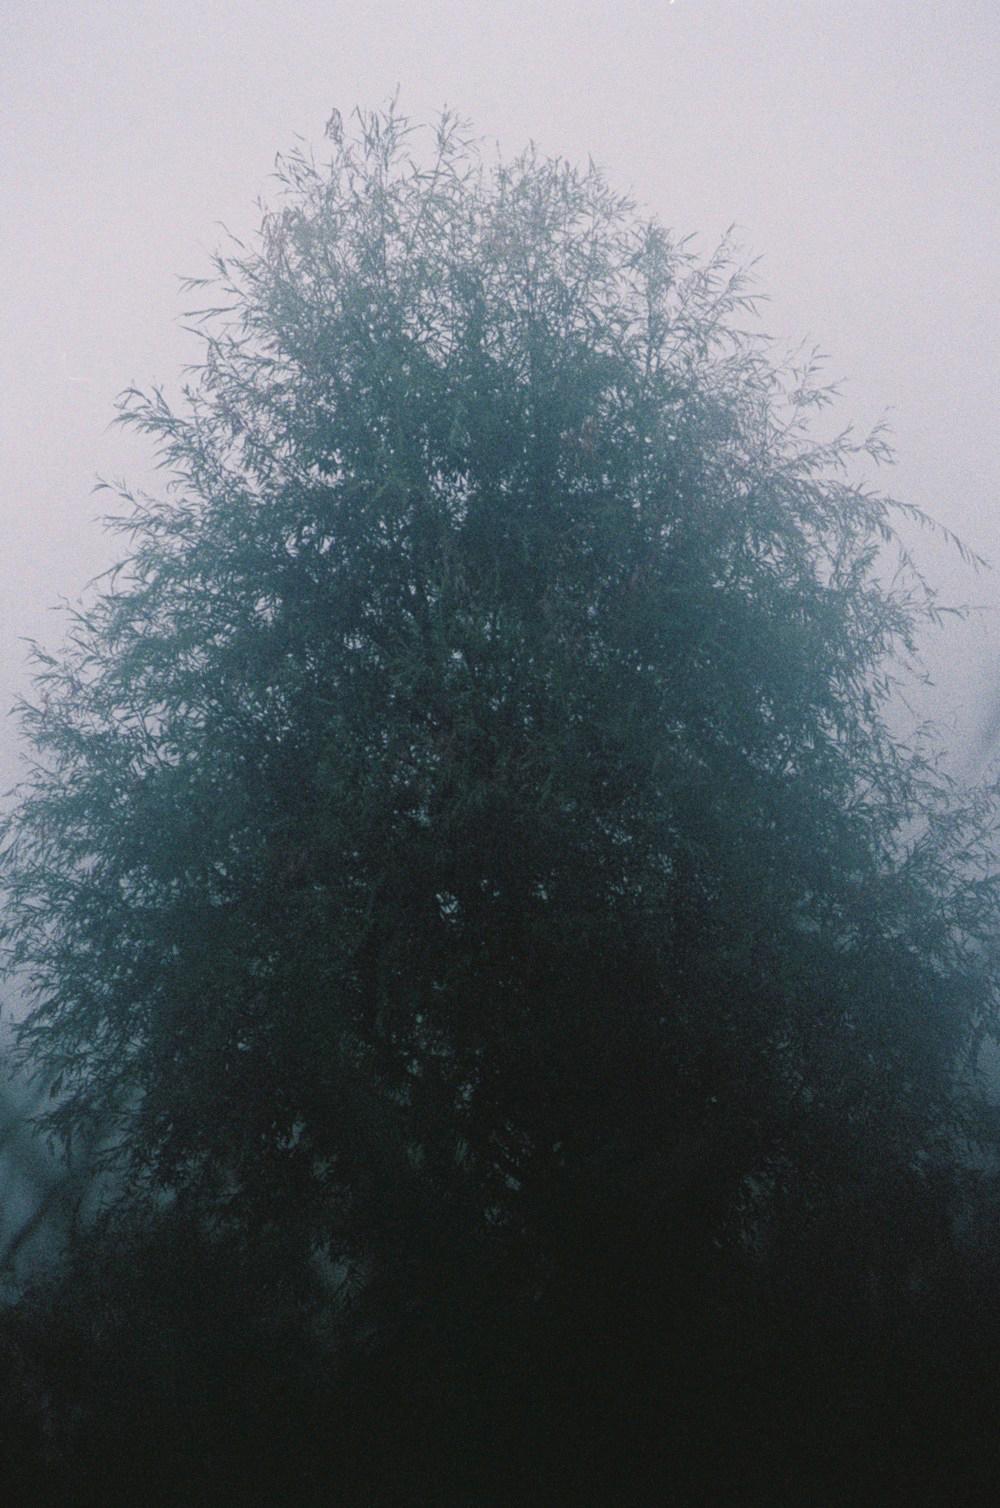 arbre brouillard